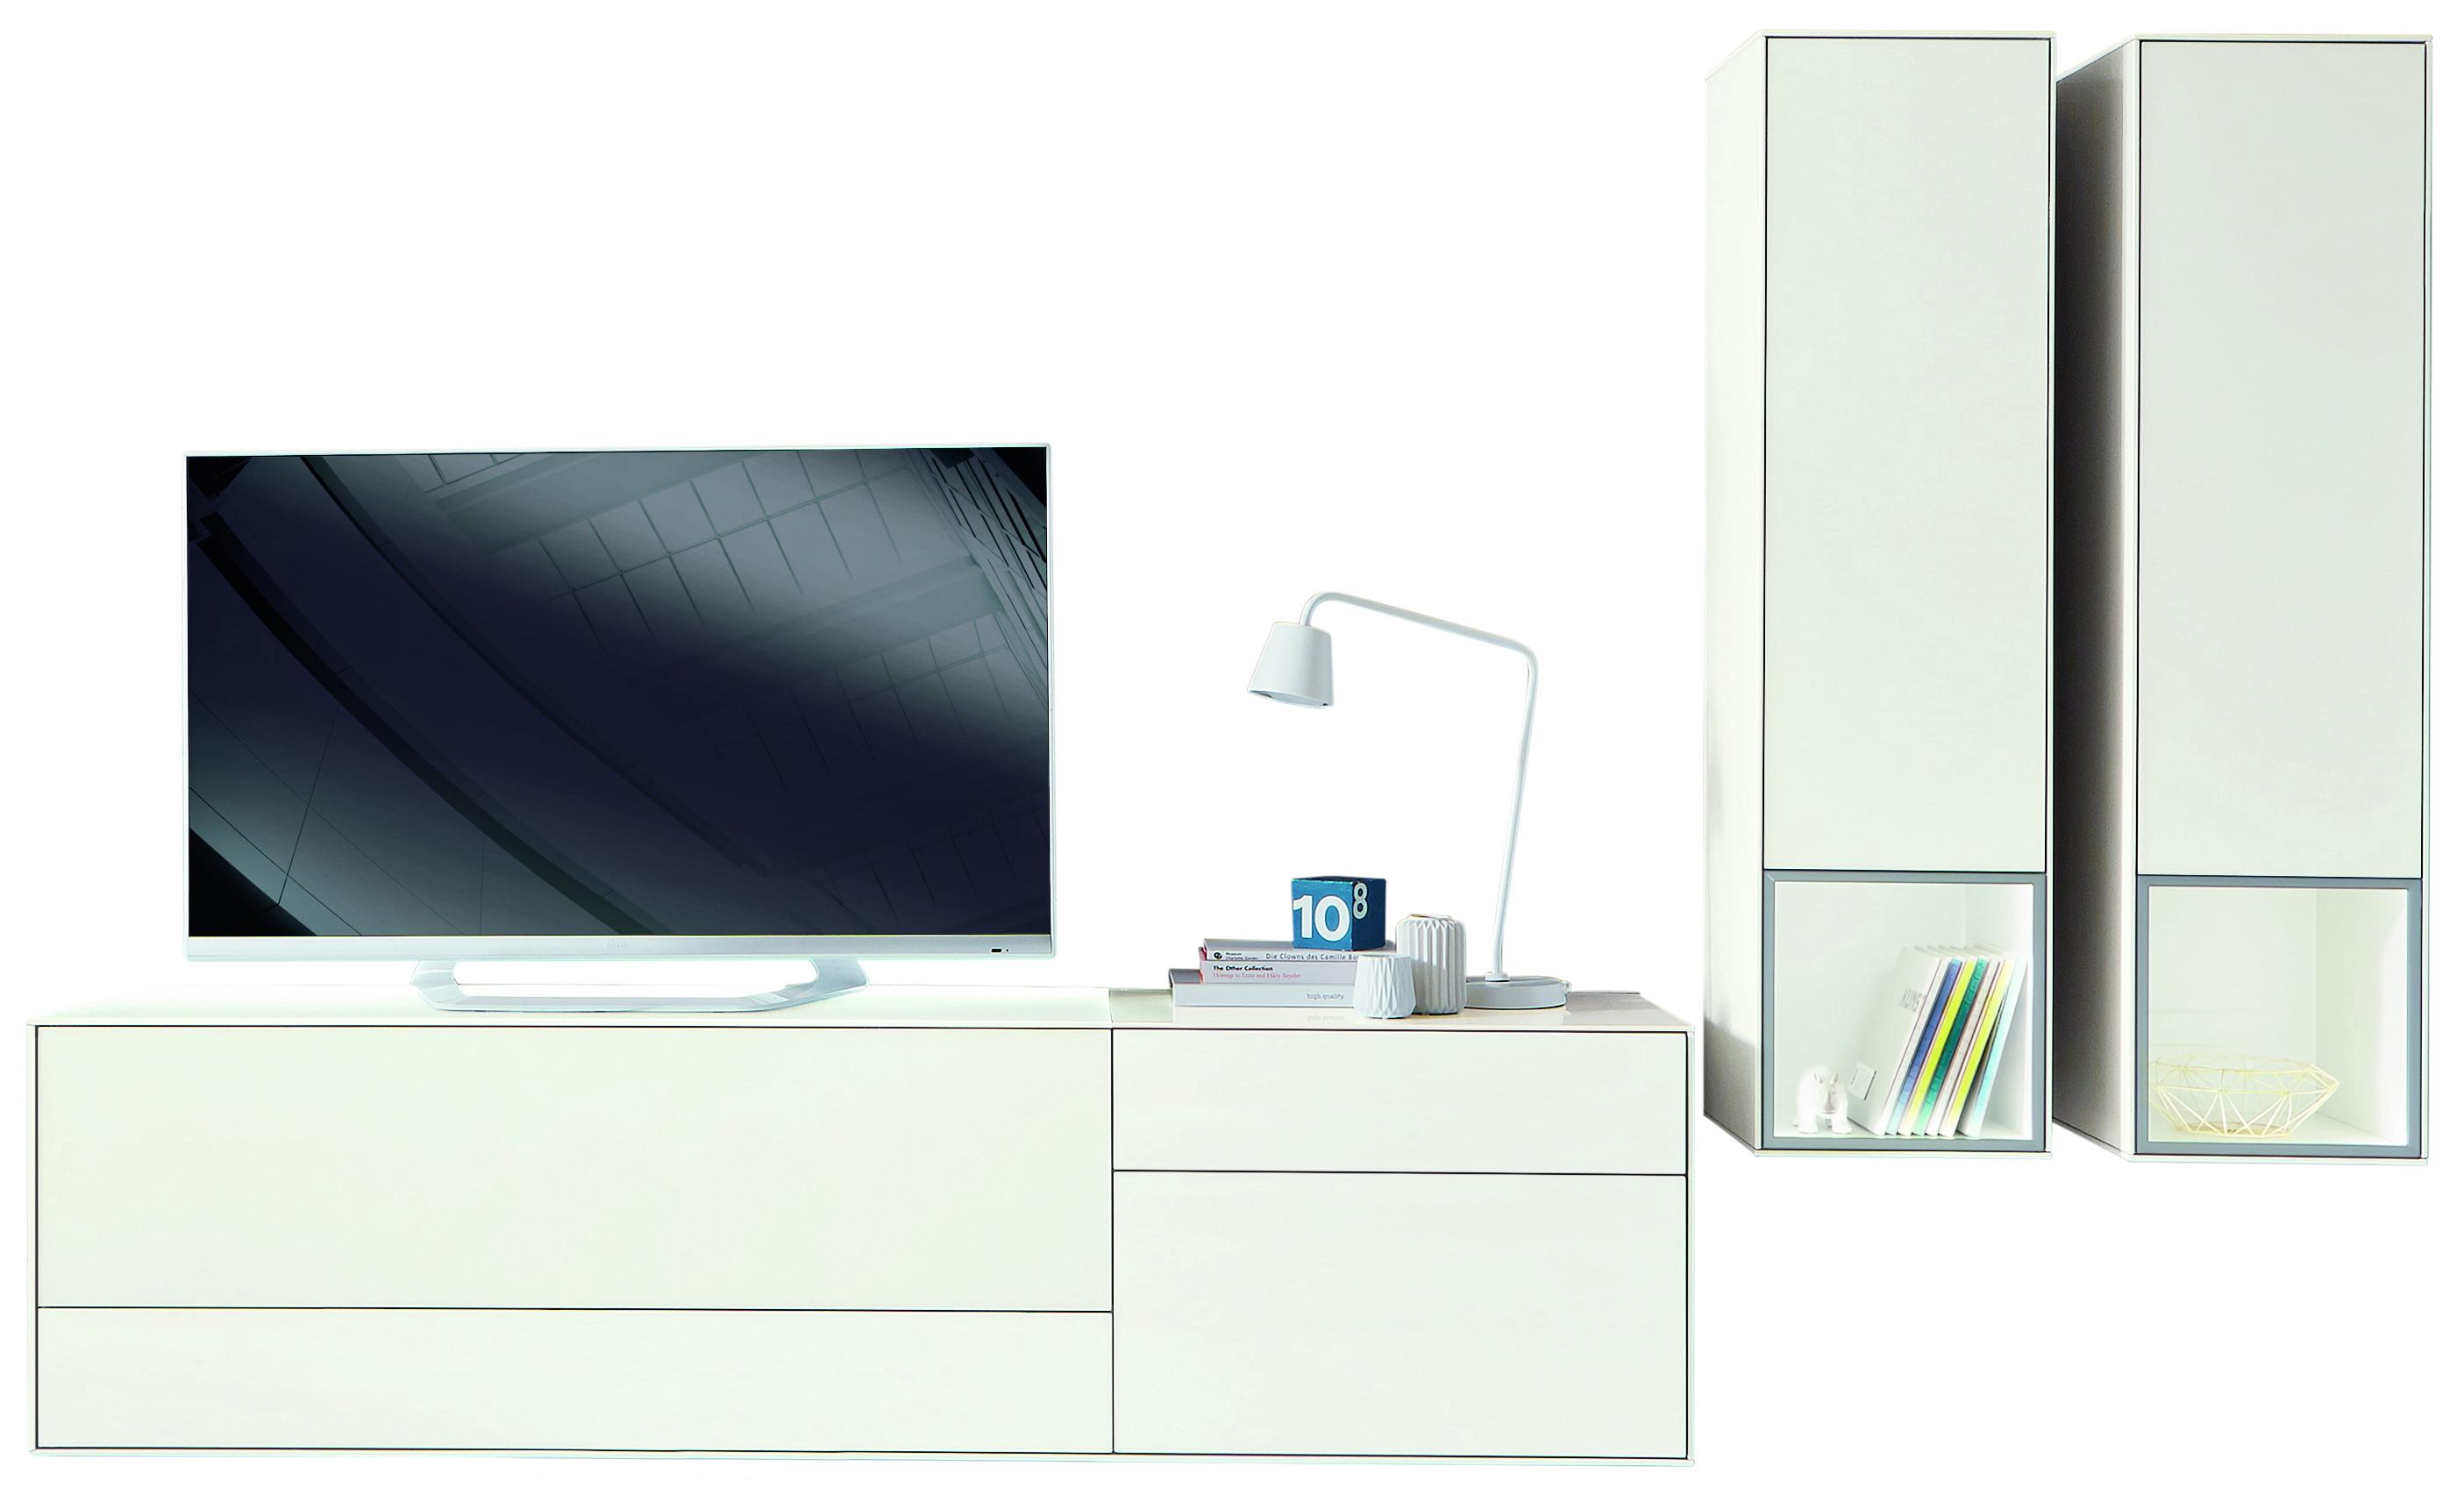 Wunderbar Hochwertige Wohnwand Referenz Von Moderne In Lack Hochglanz Weiß | Mö